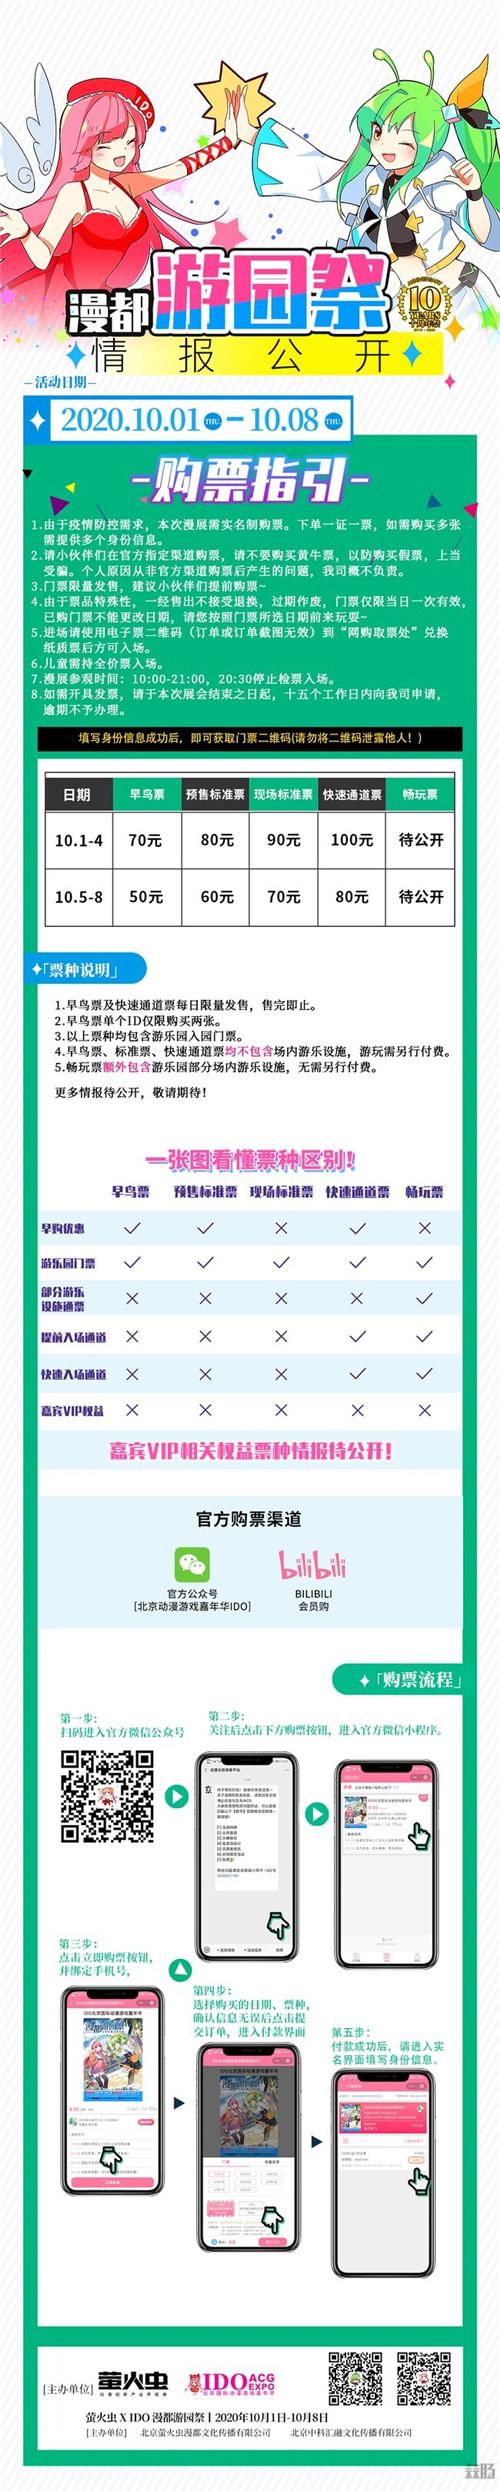 十一假期·北京【萤火虫 x IDO漫都游园祭】情报大公开! 漫展 第4张